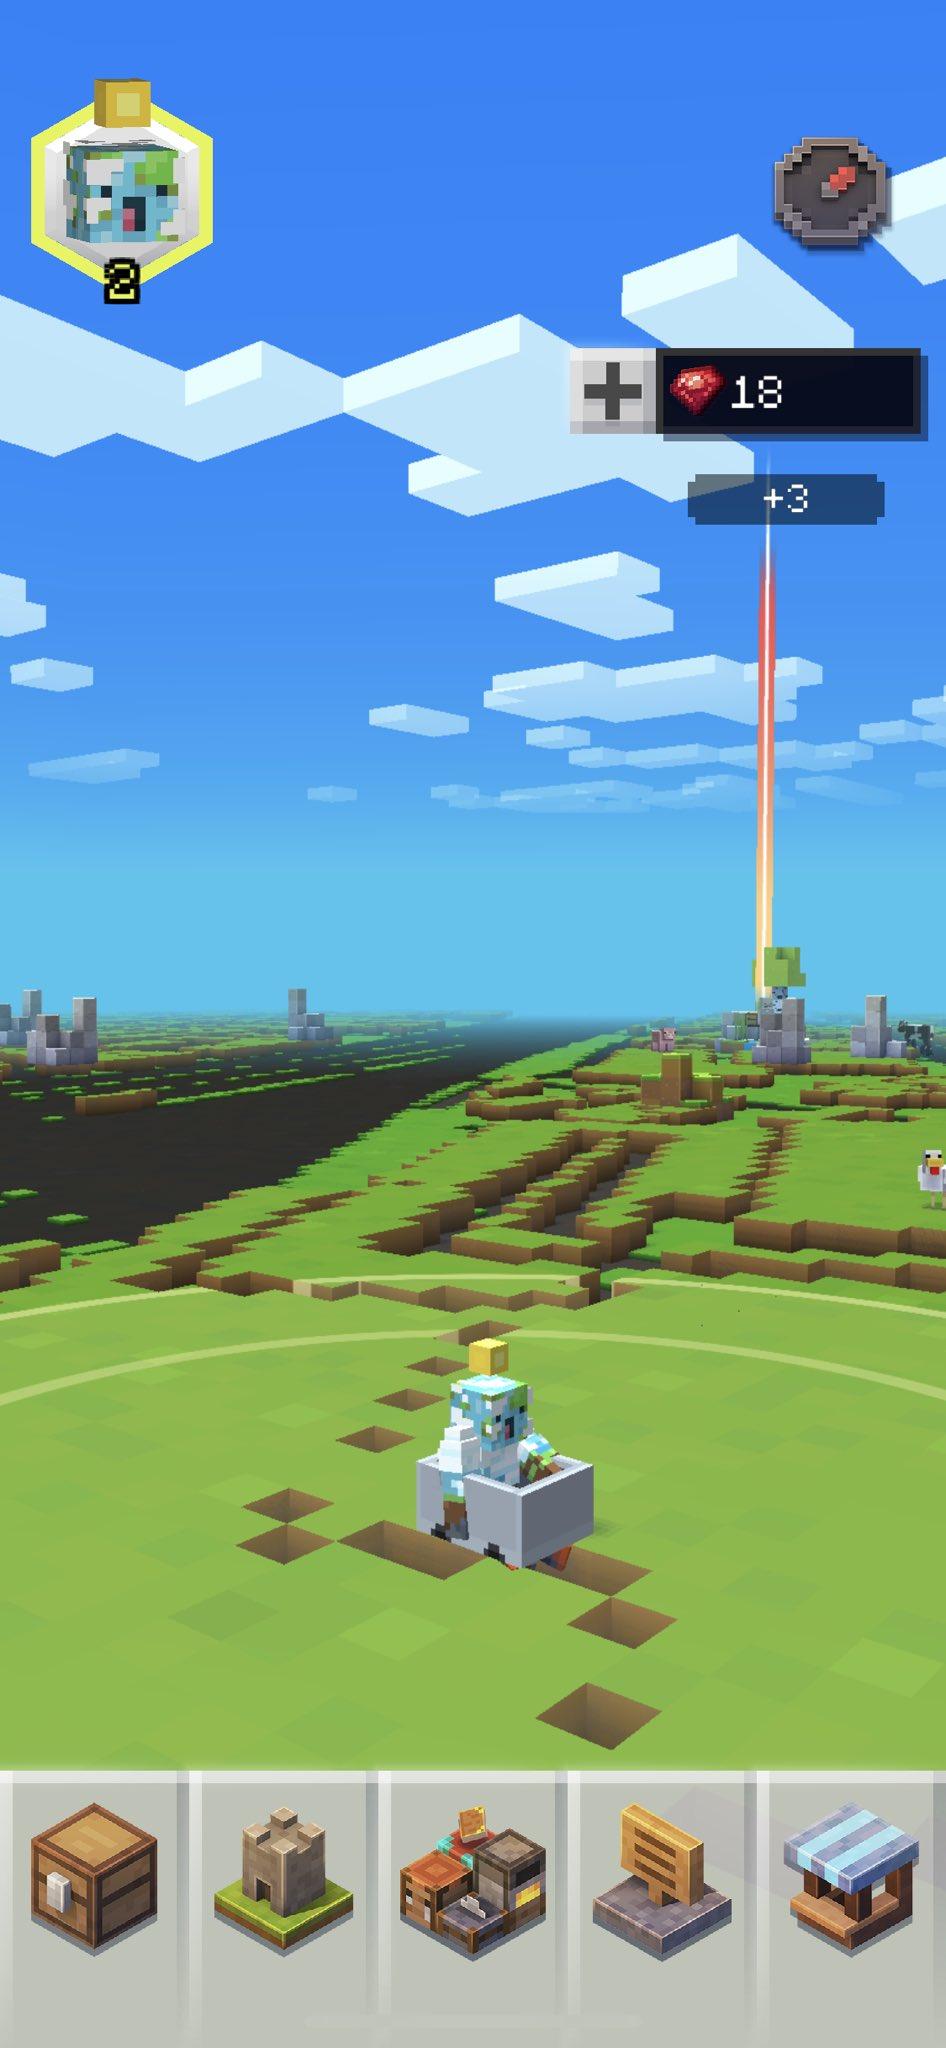 Minecraft Earth で移動スピードがそれなりに速いとトロッコに乗るらしい。 https://t.co/iwpGDaUPNa